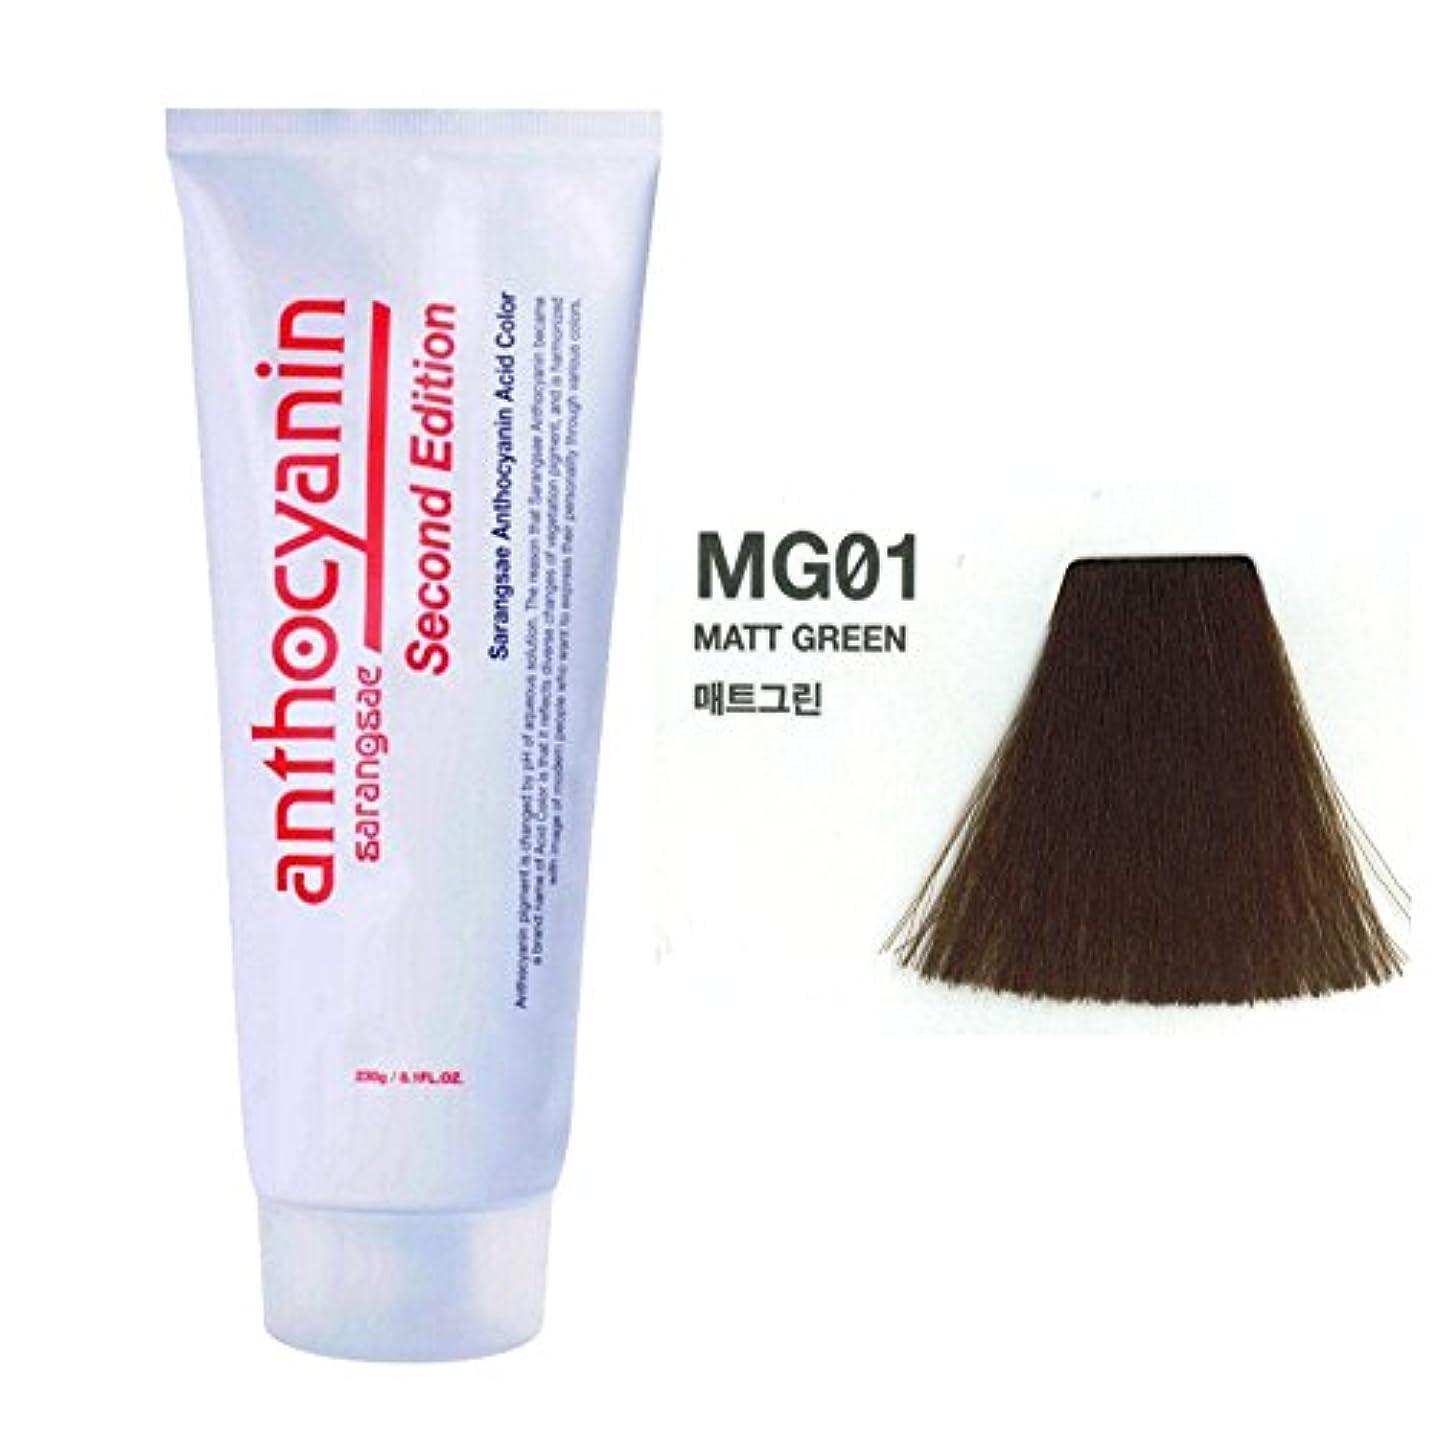 うなるホテルクリスチャンヘア マニキュア カラー セカンド エディション 230g セミ パーマネント 染毛剤 (Hair Manicure Color Second Edition 230g Semi Permanent Hair Dye) [並行輸入品] (MG01 Marr Green)